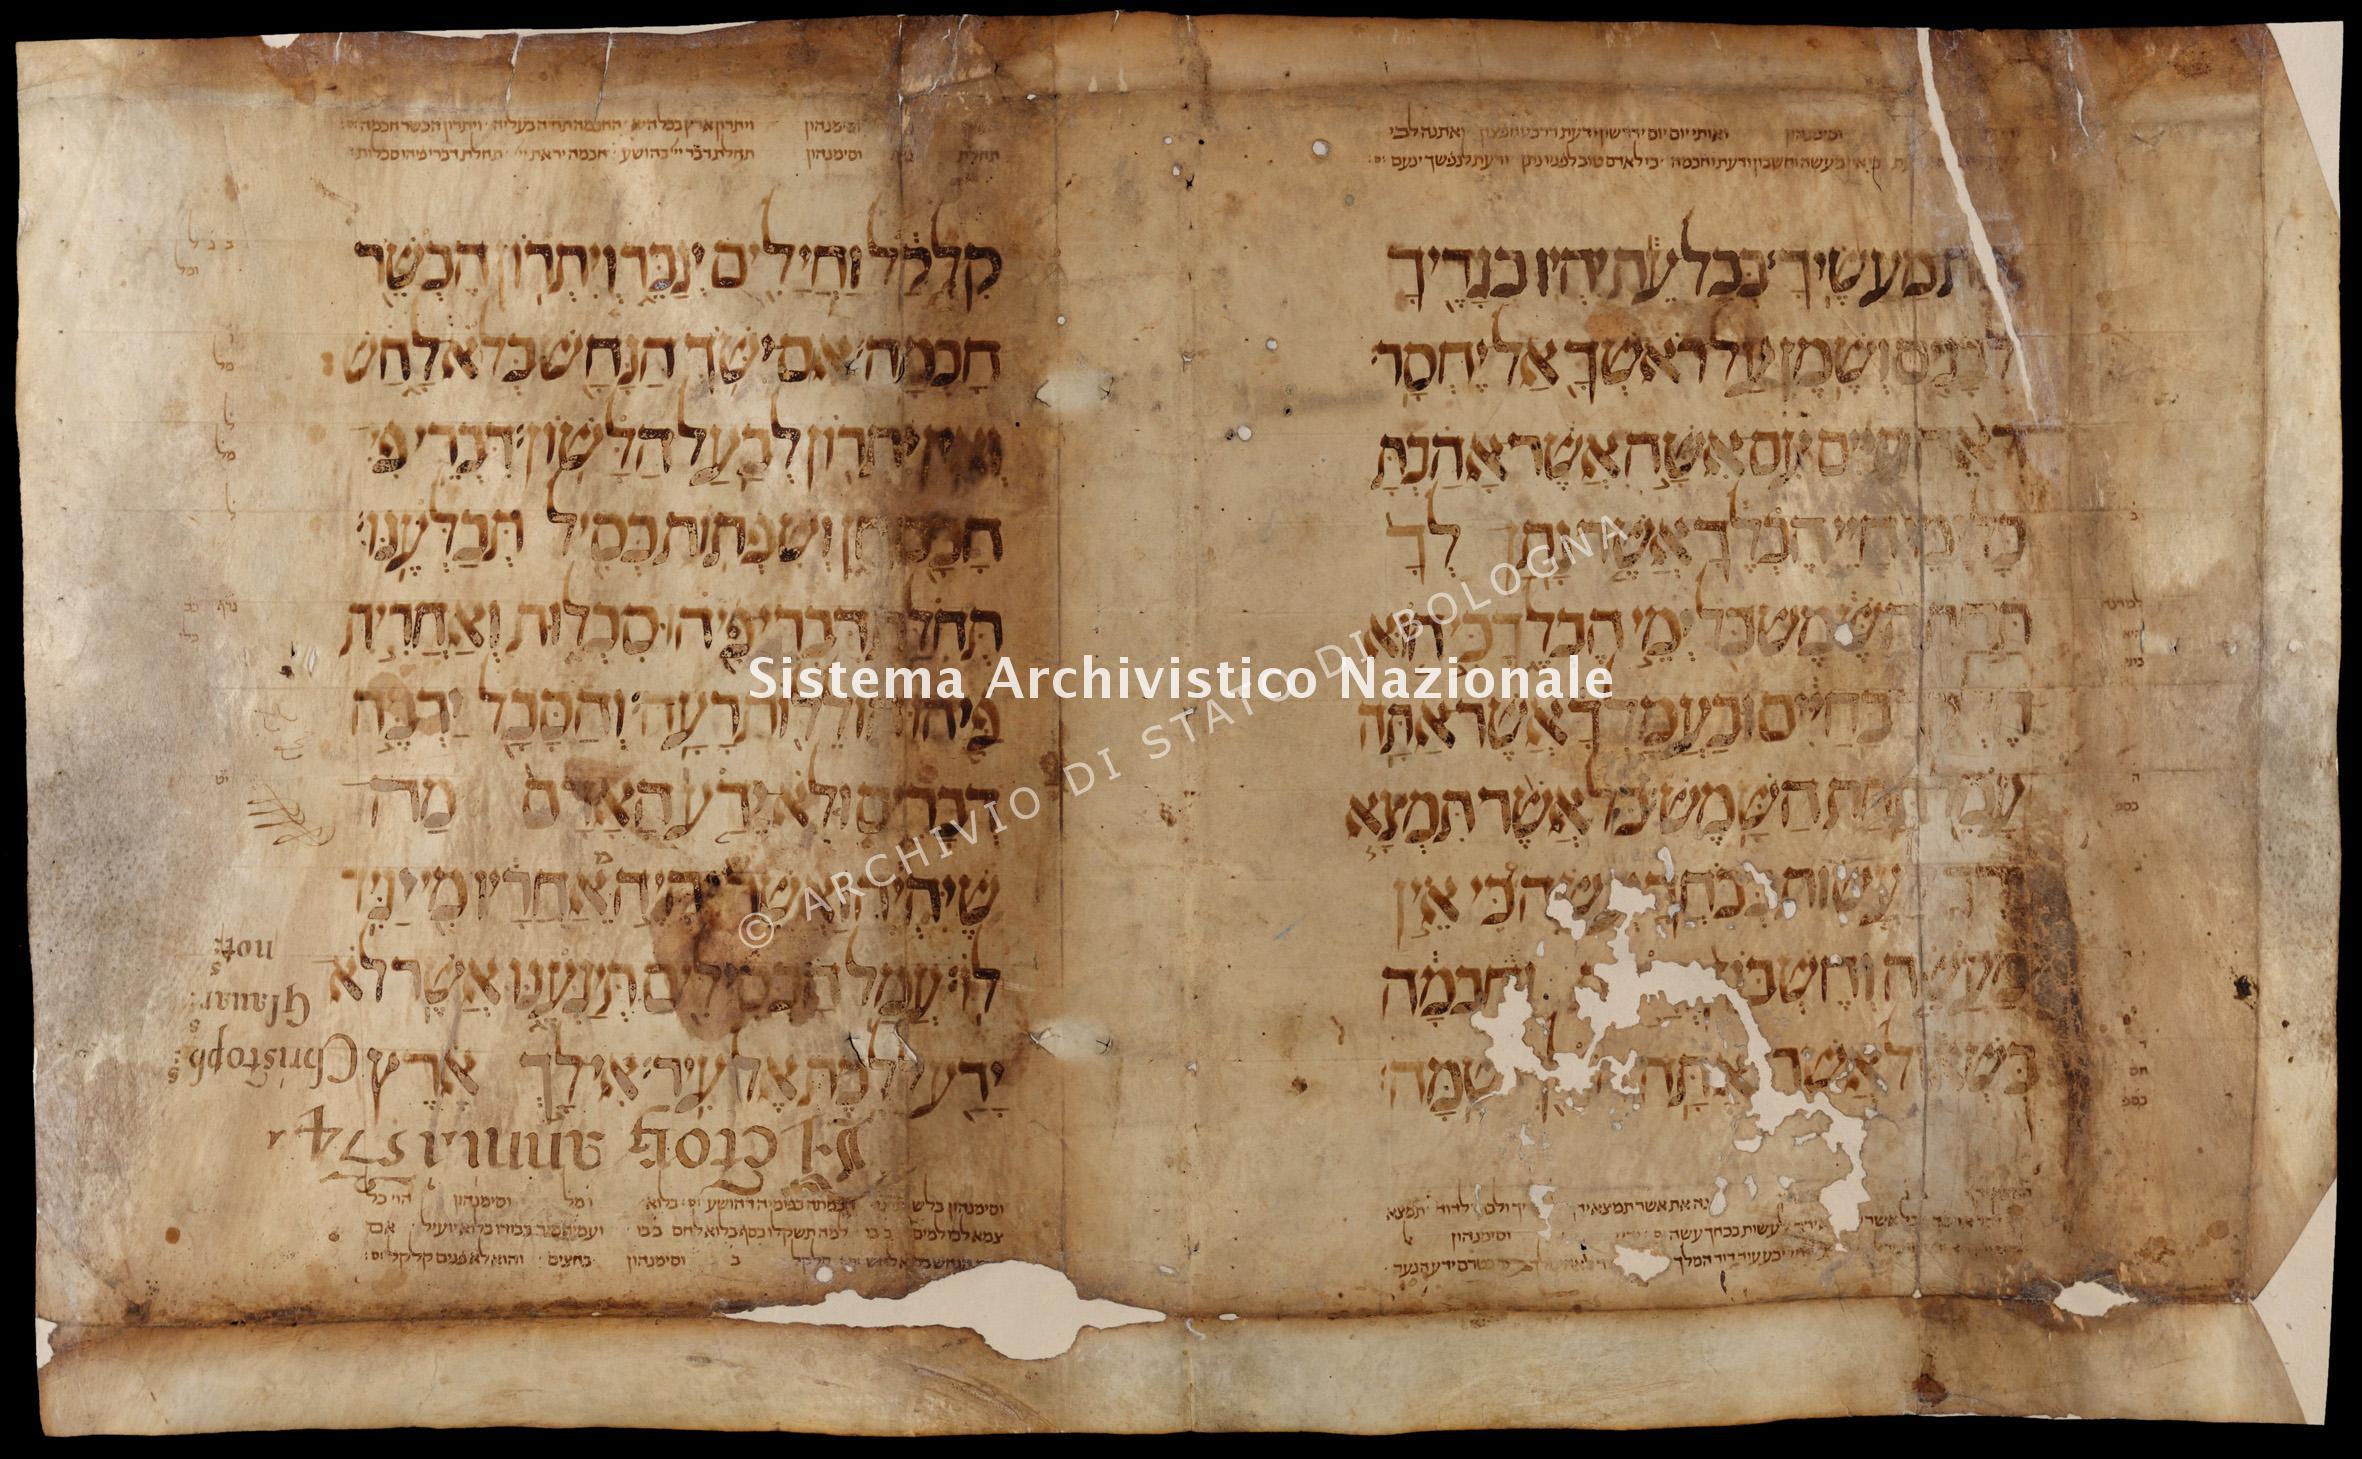 B.10.005, Archivio di Stato di Bologna, Frammenti di manoscritti, Frammenti di manoscritti ebraici, Frammento n. 306, verso